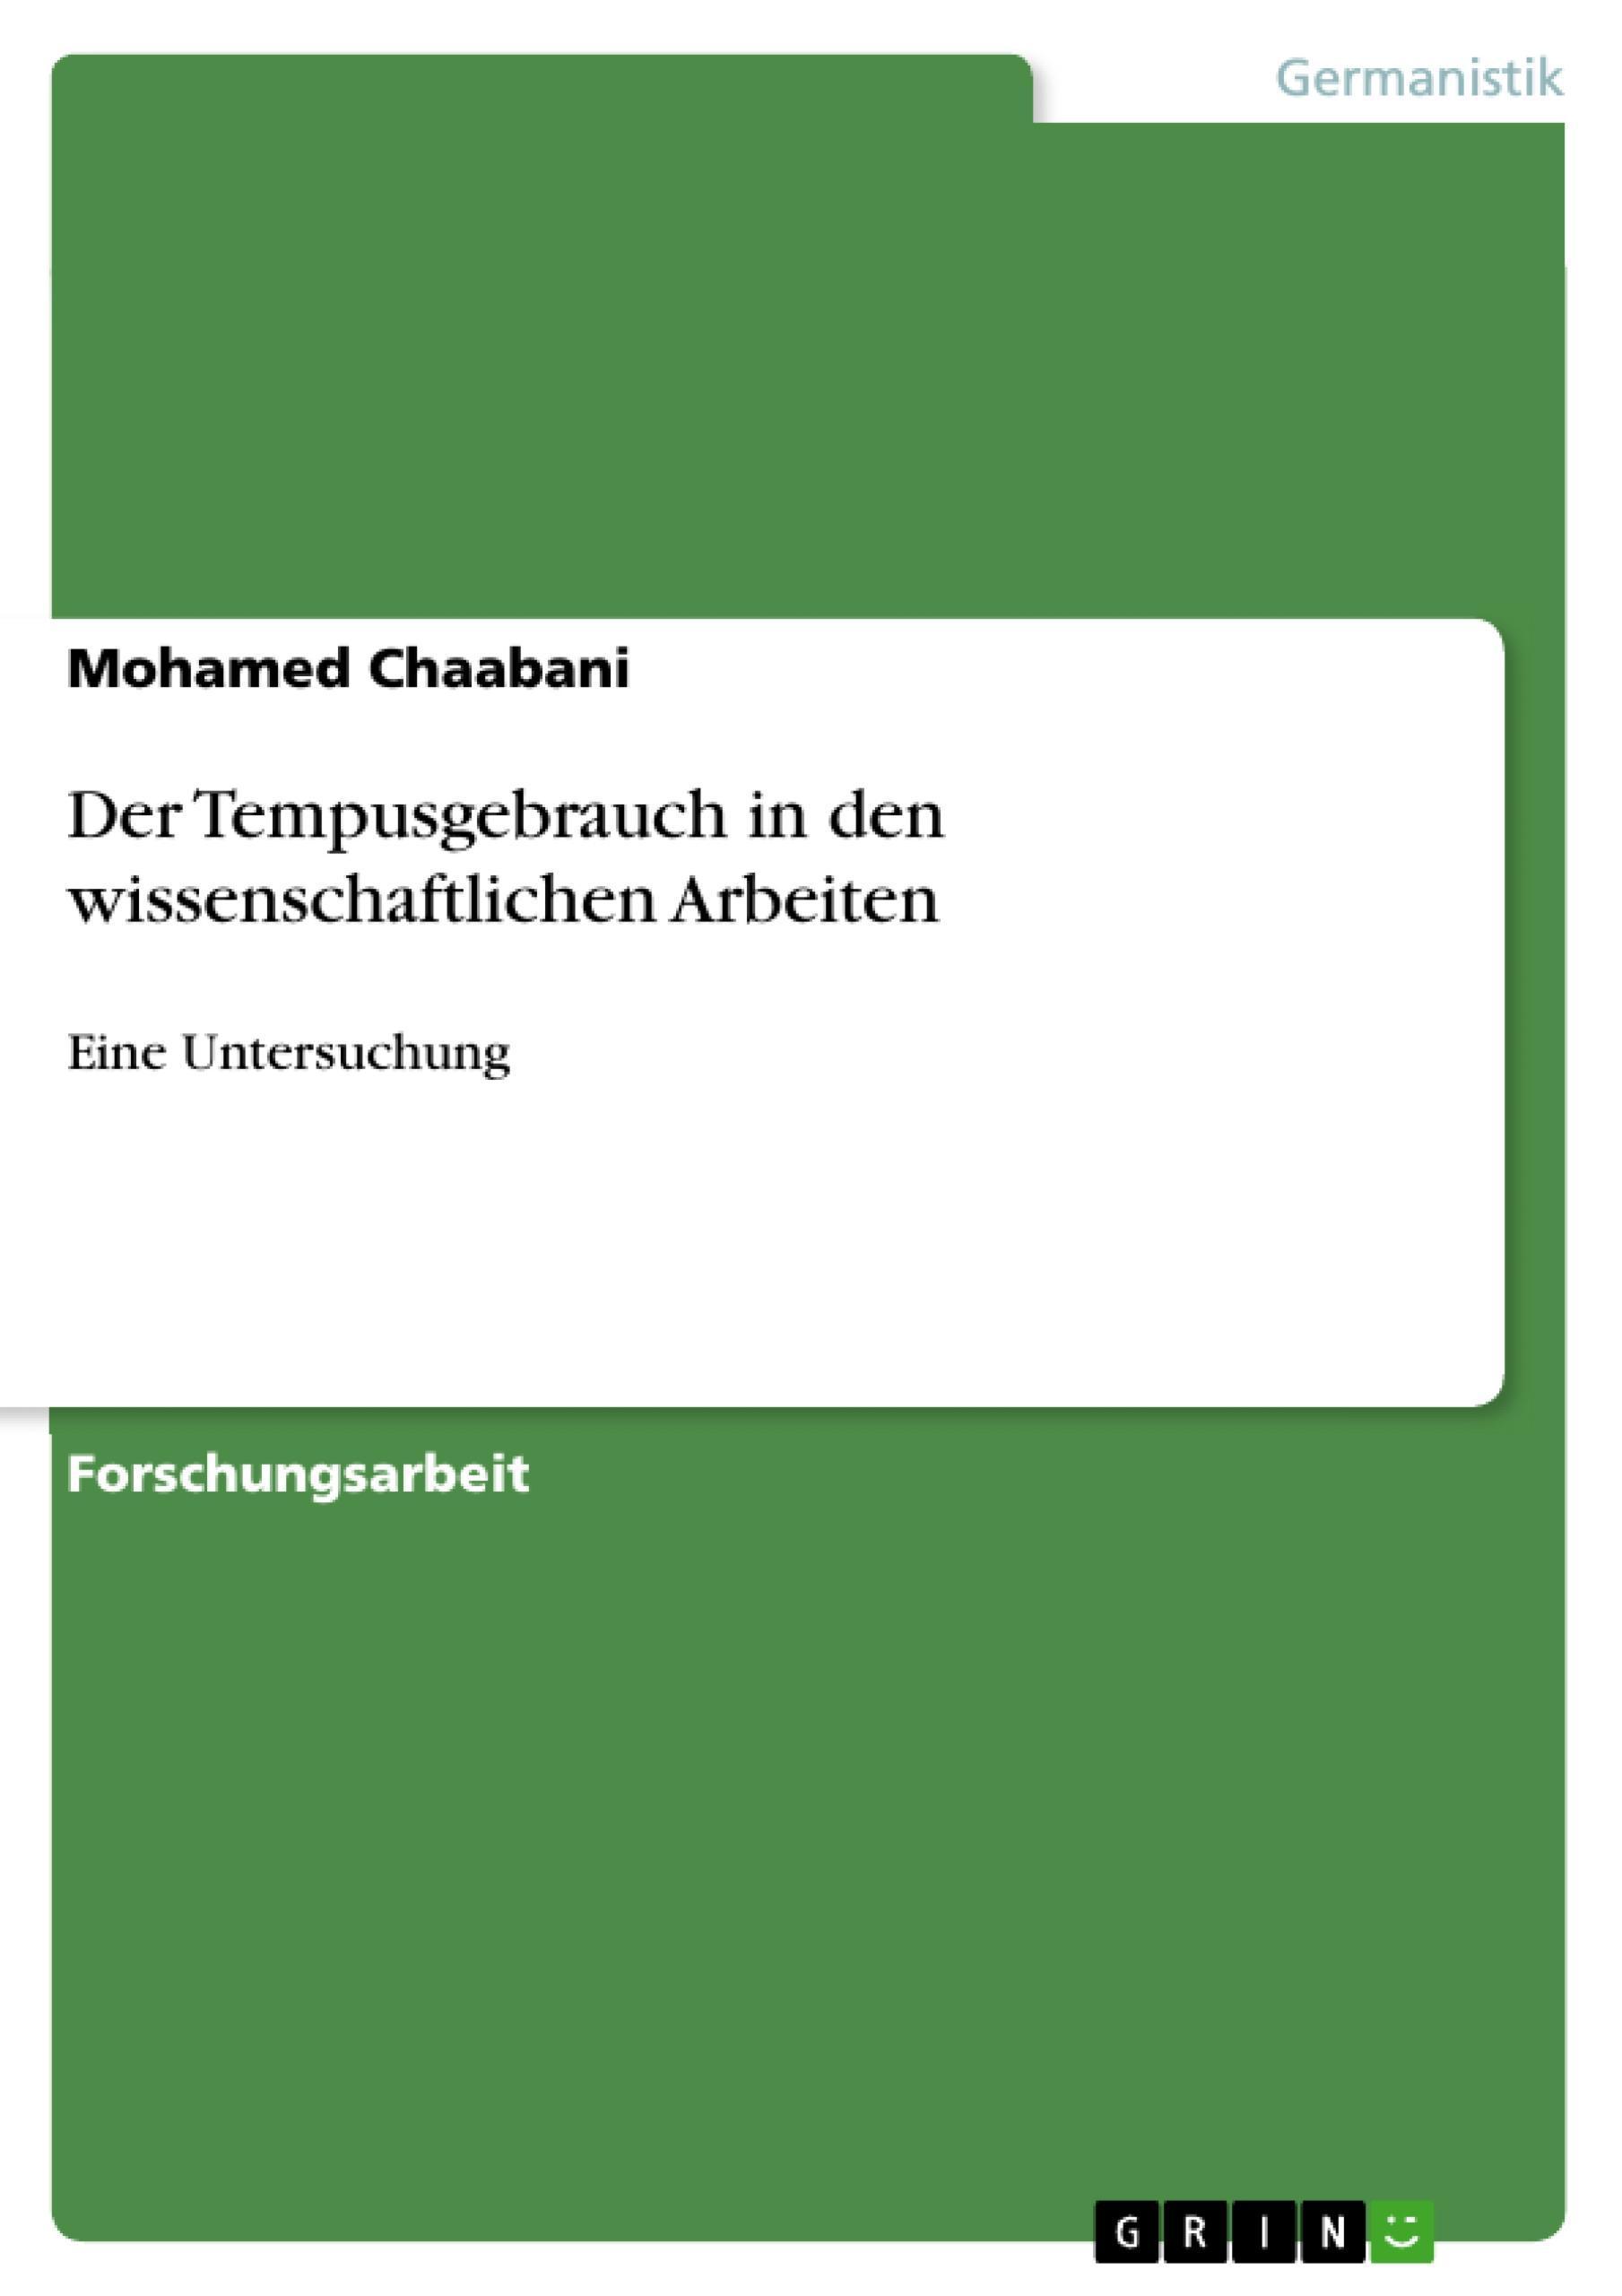 Der Tempusgebrauch in den wissenschaftlichen Arbeiten Mohamed Chaabani